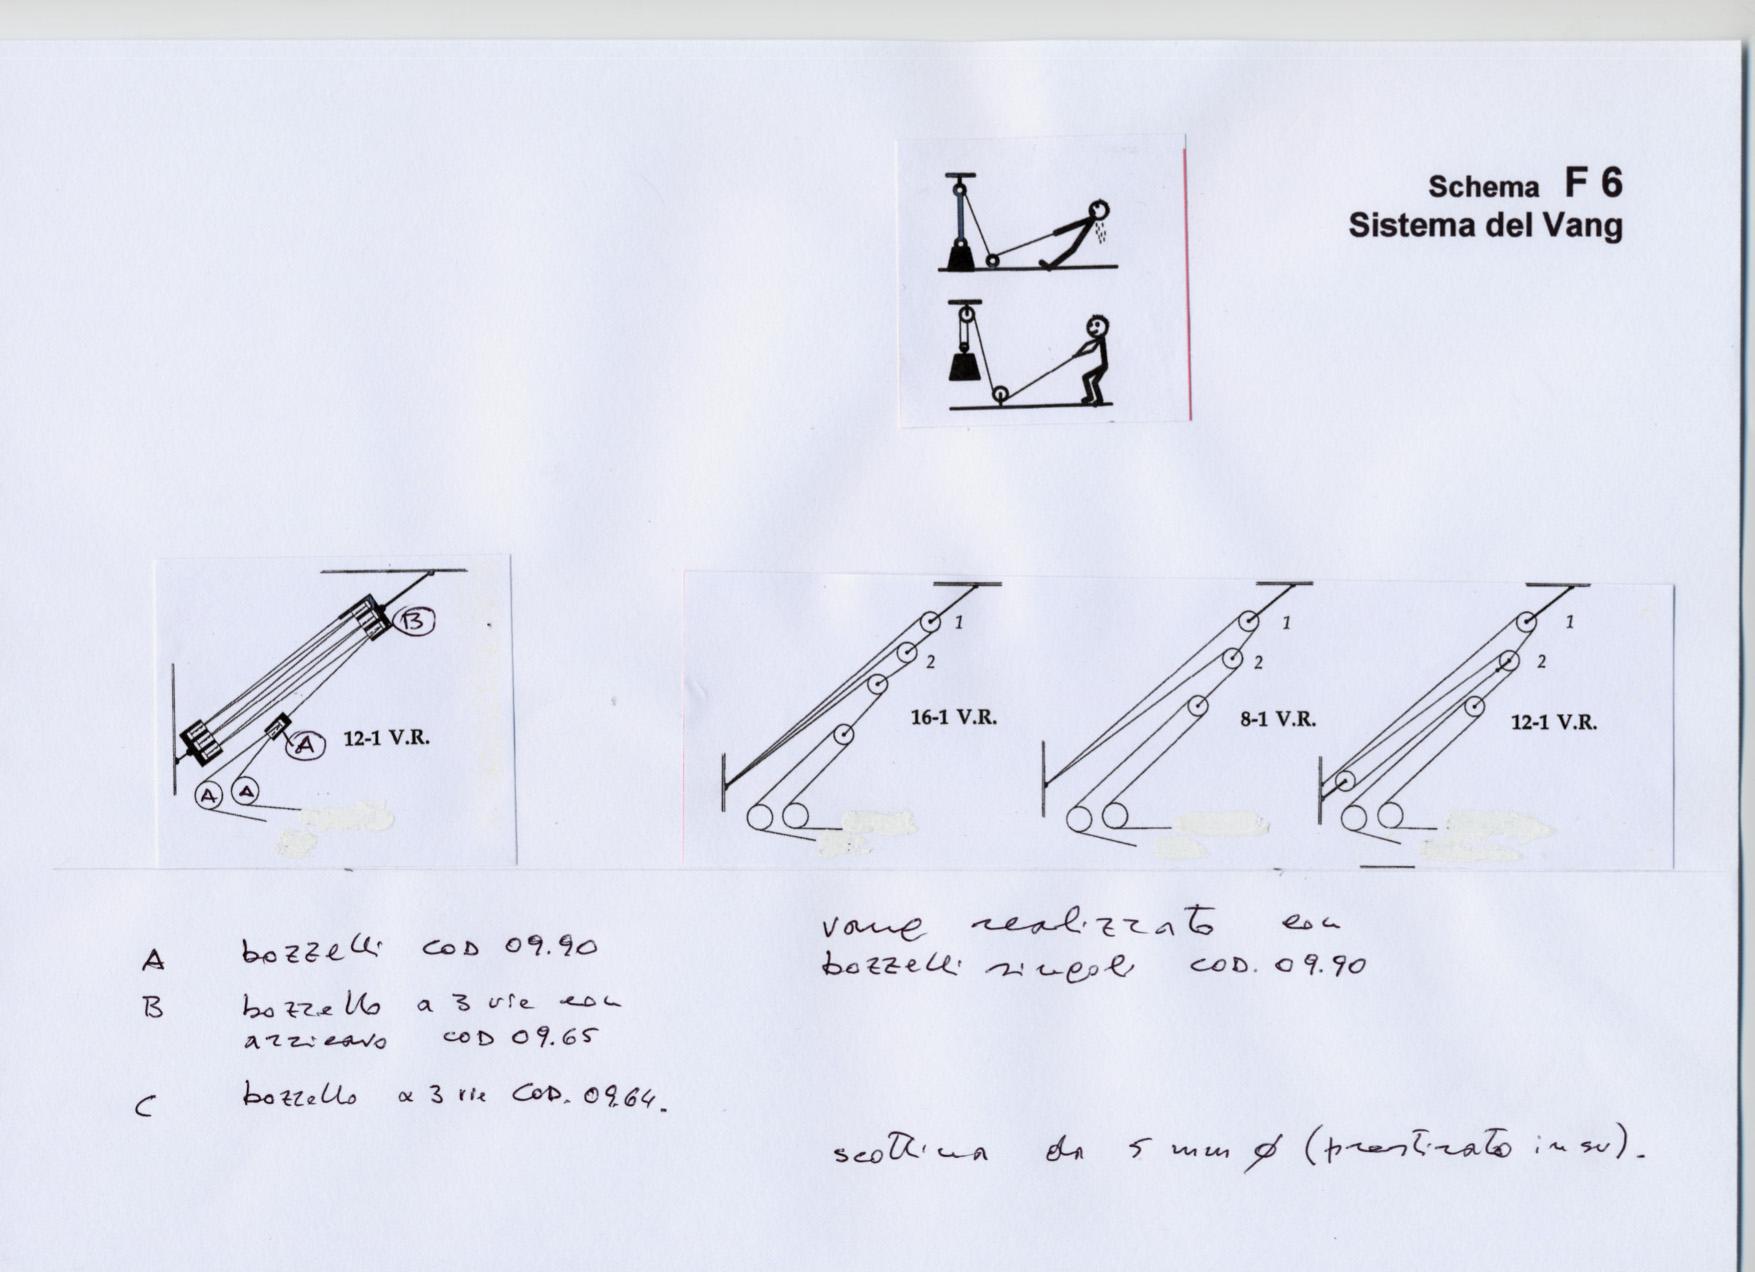 SchemaF6